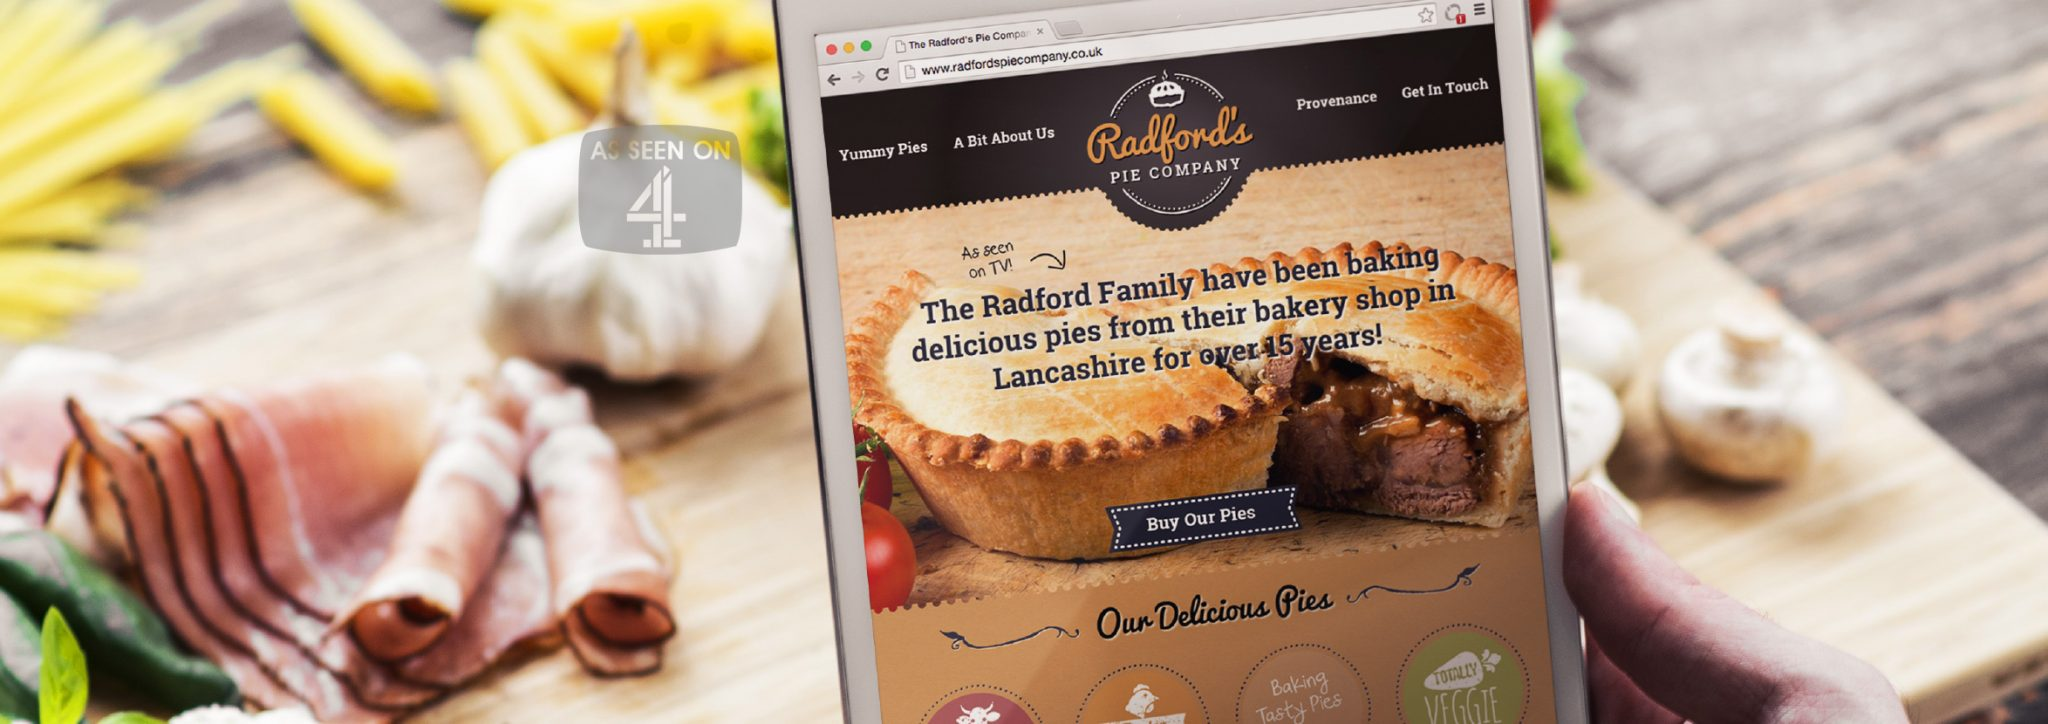 Radford's Pie Company